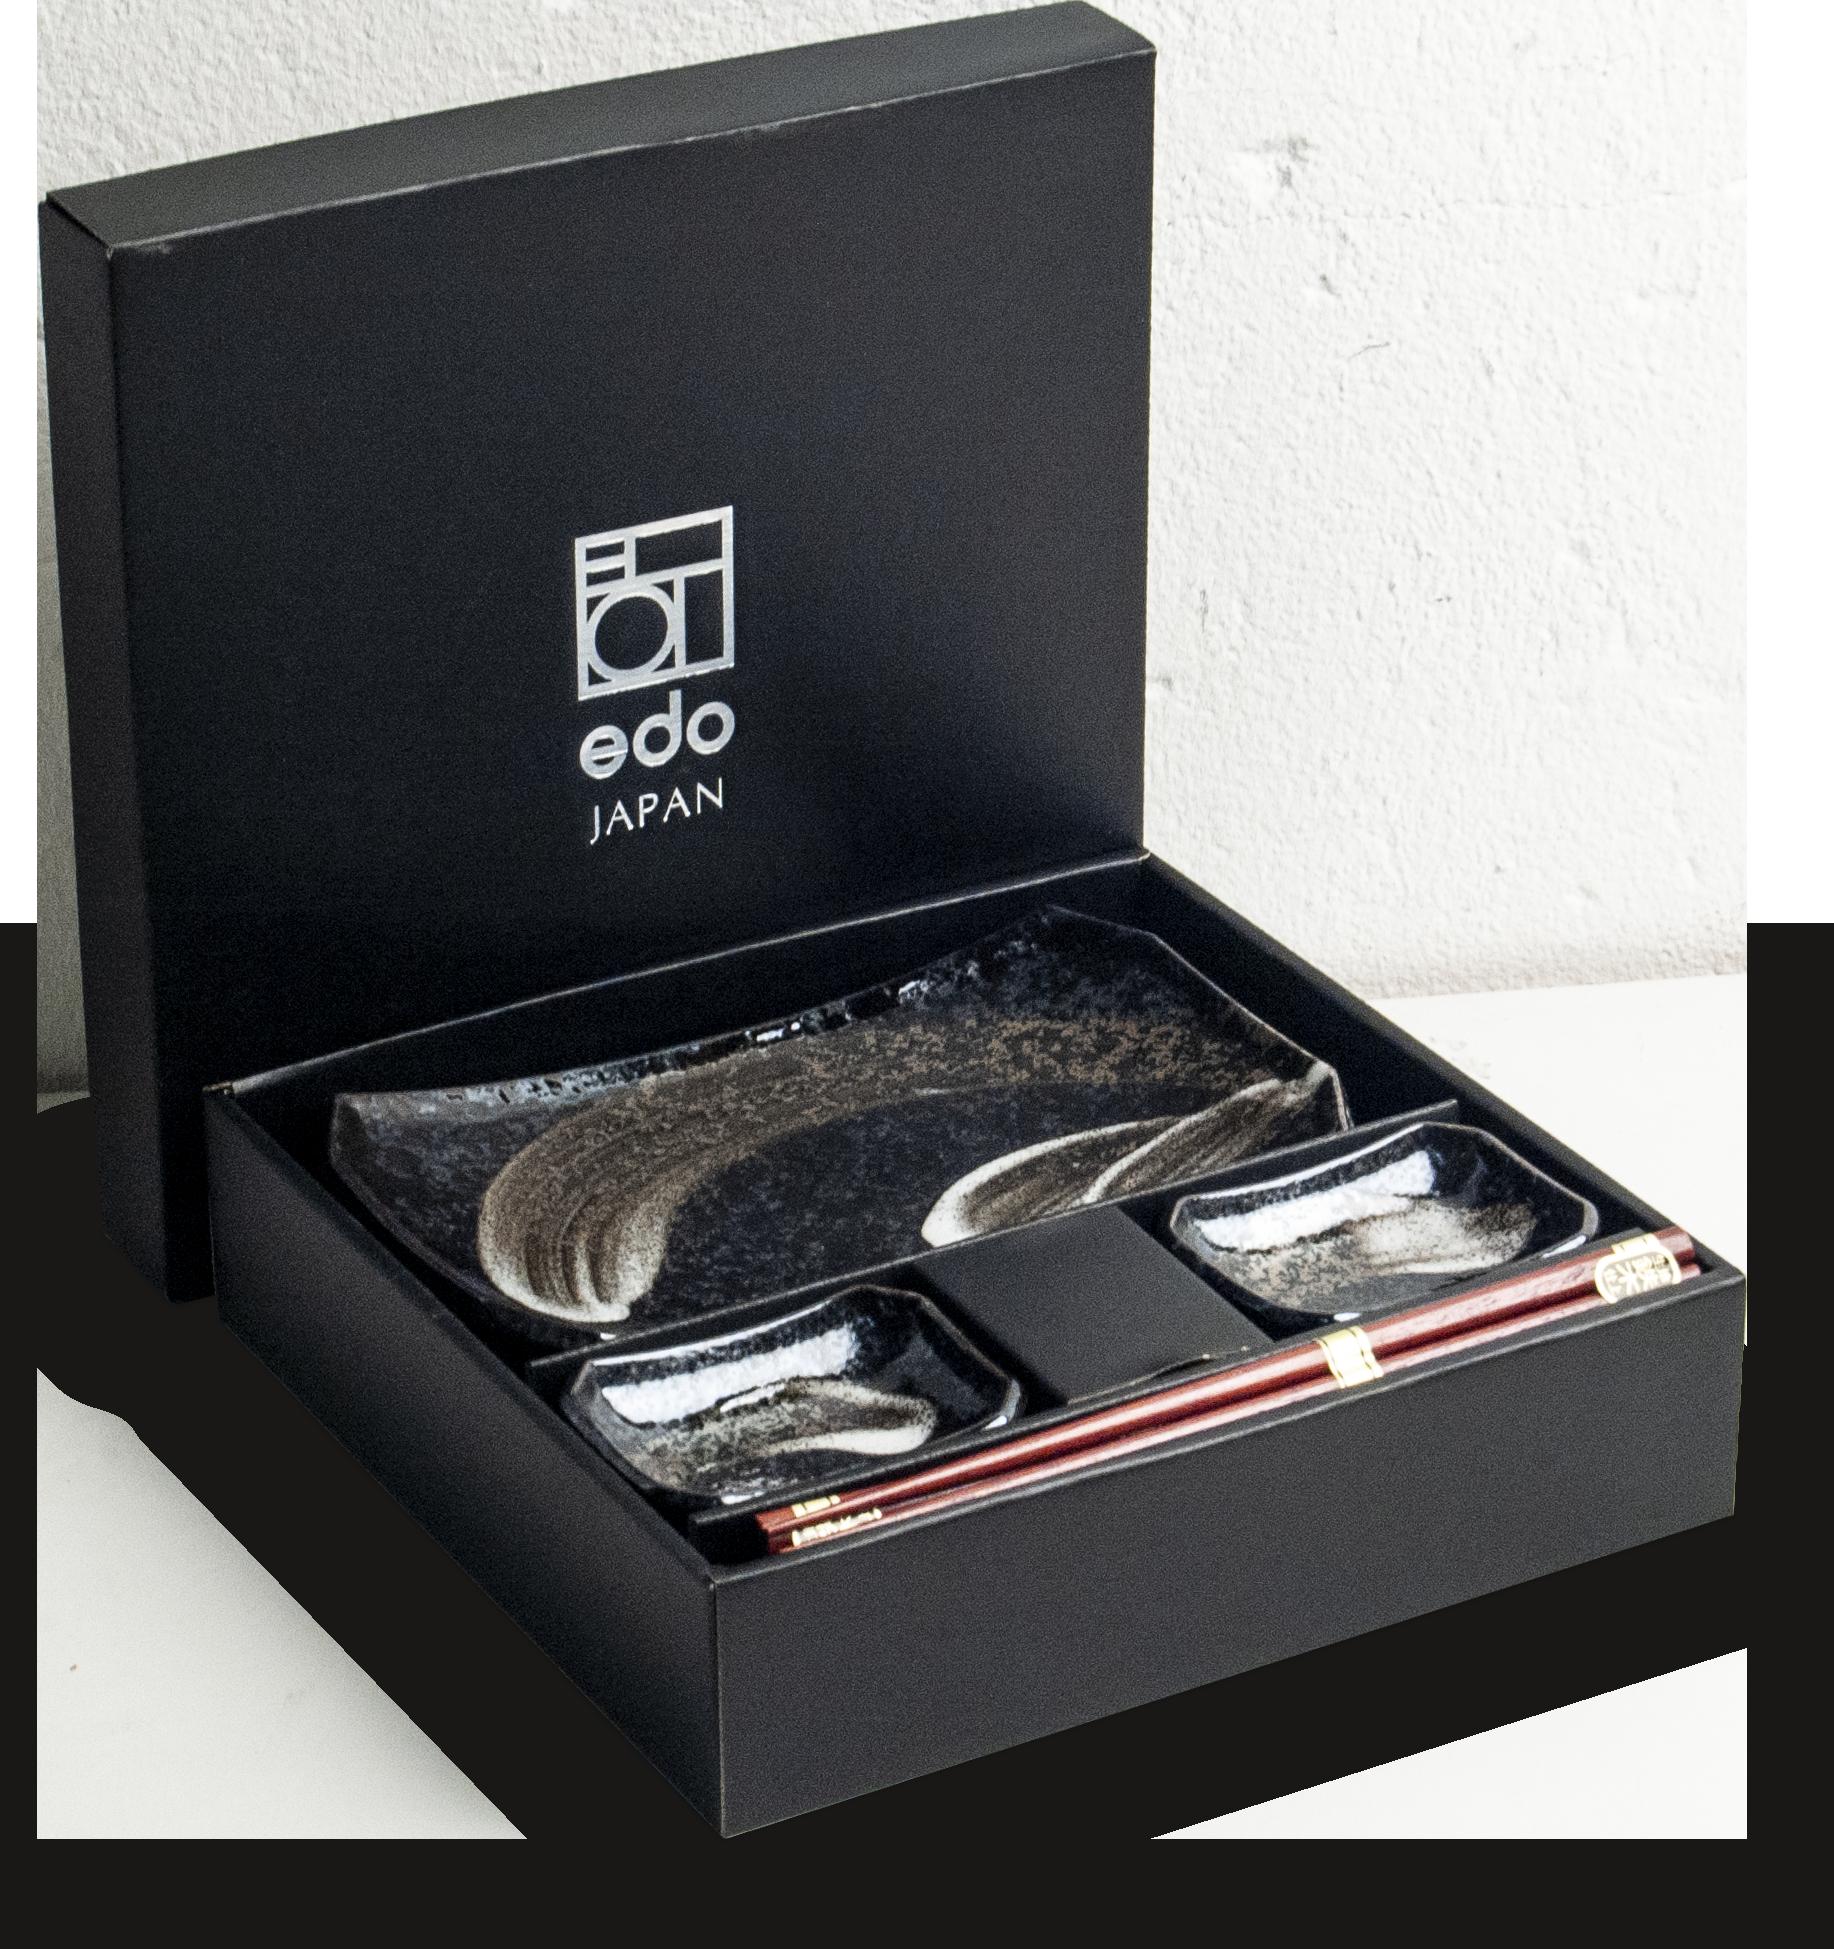 Edo Japan  Edo Japan   ANSEN   Japanisches Sushi Geschirr Set   6-Teilig   für 2 Personen   In Geschenkbox